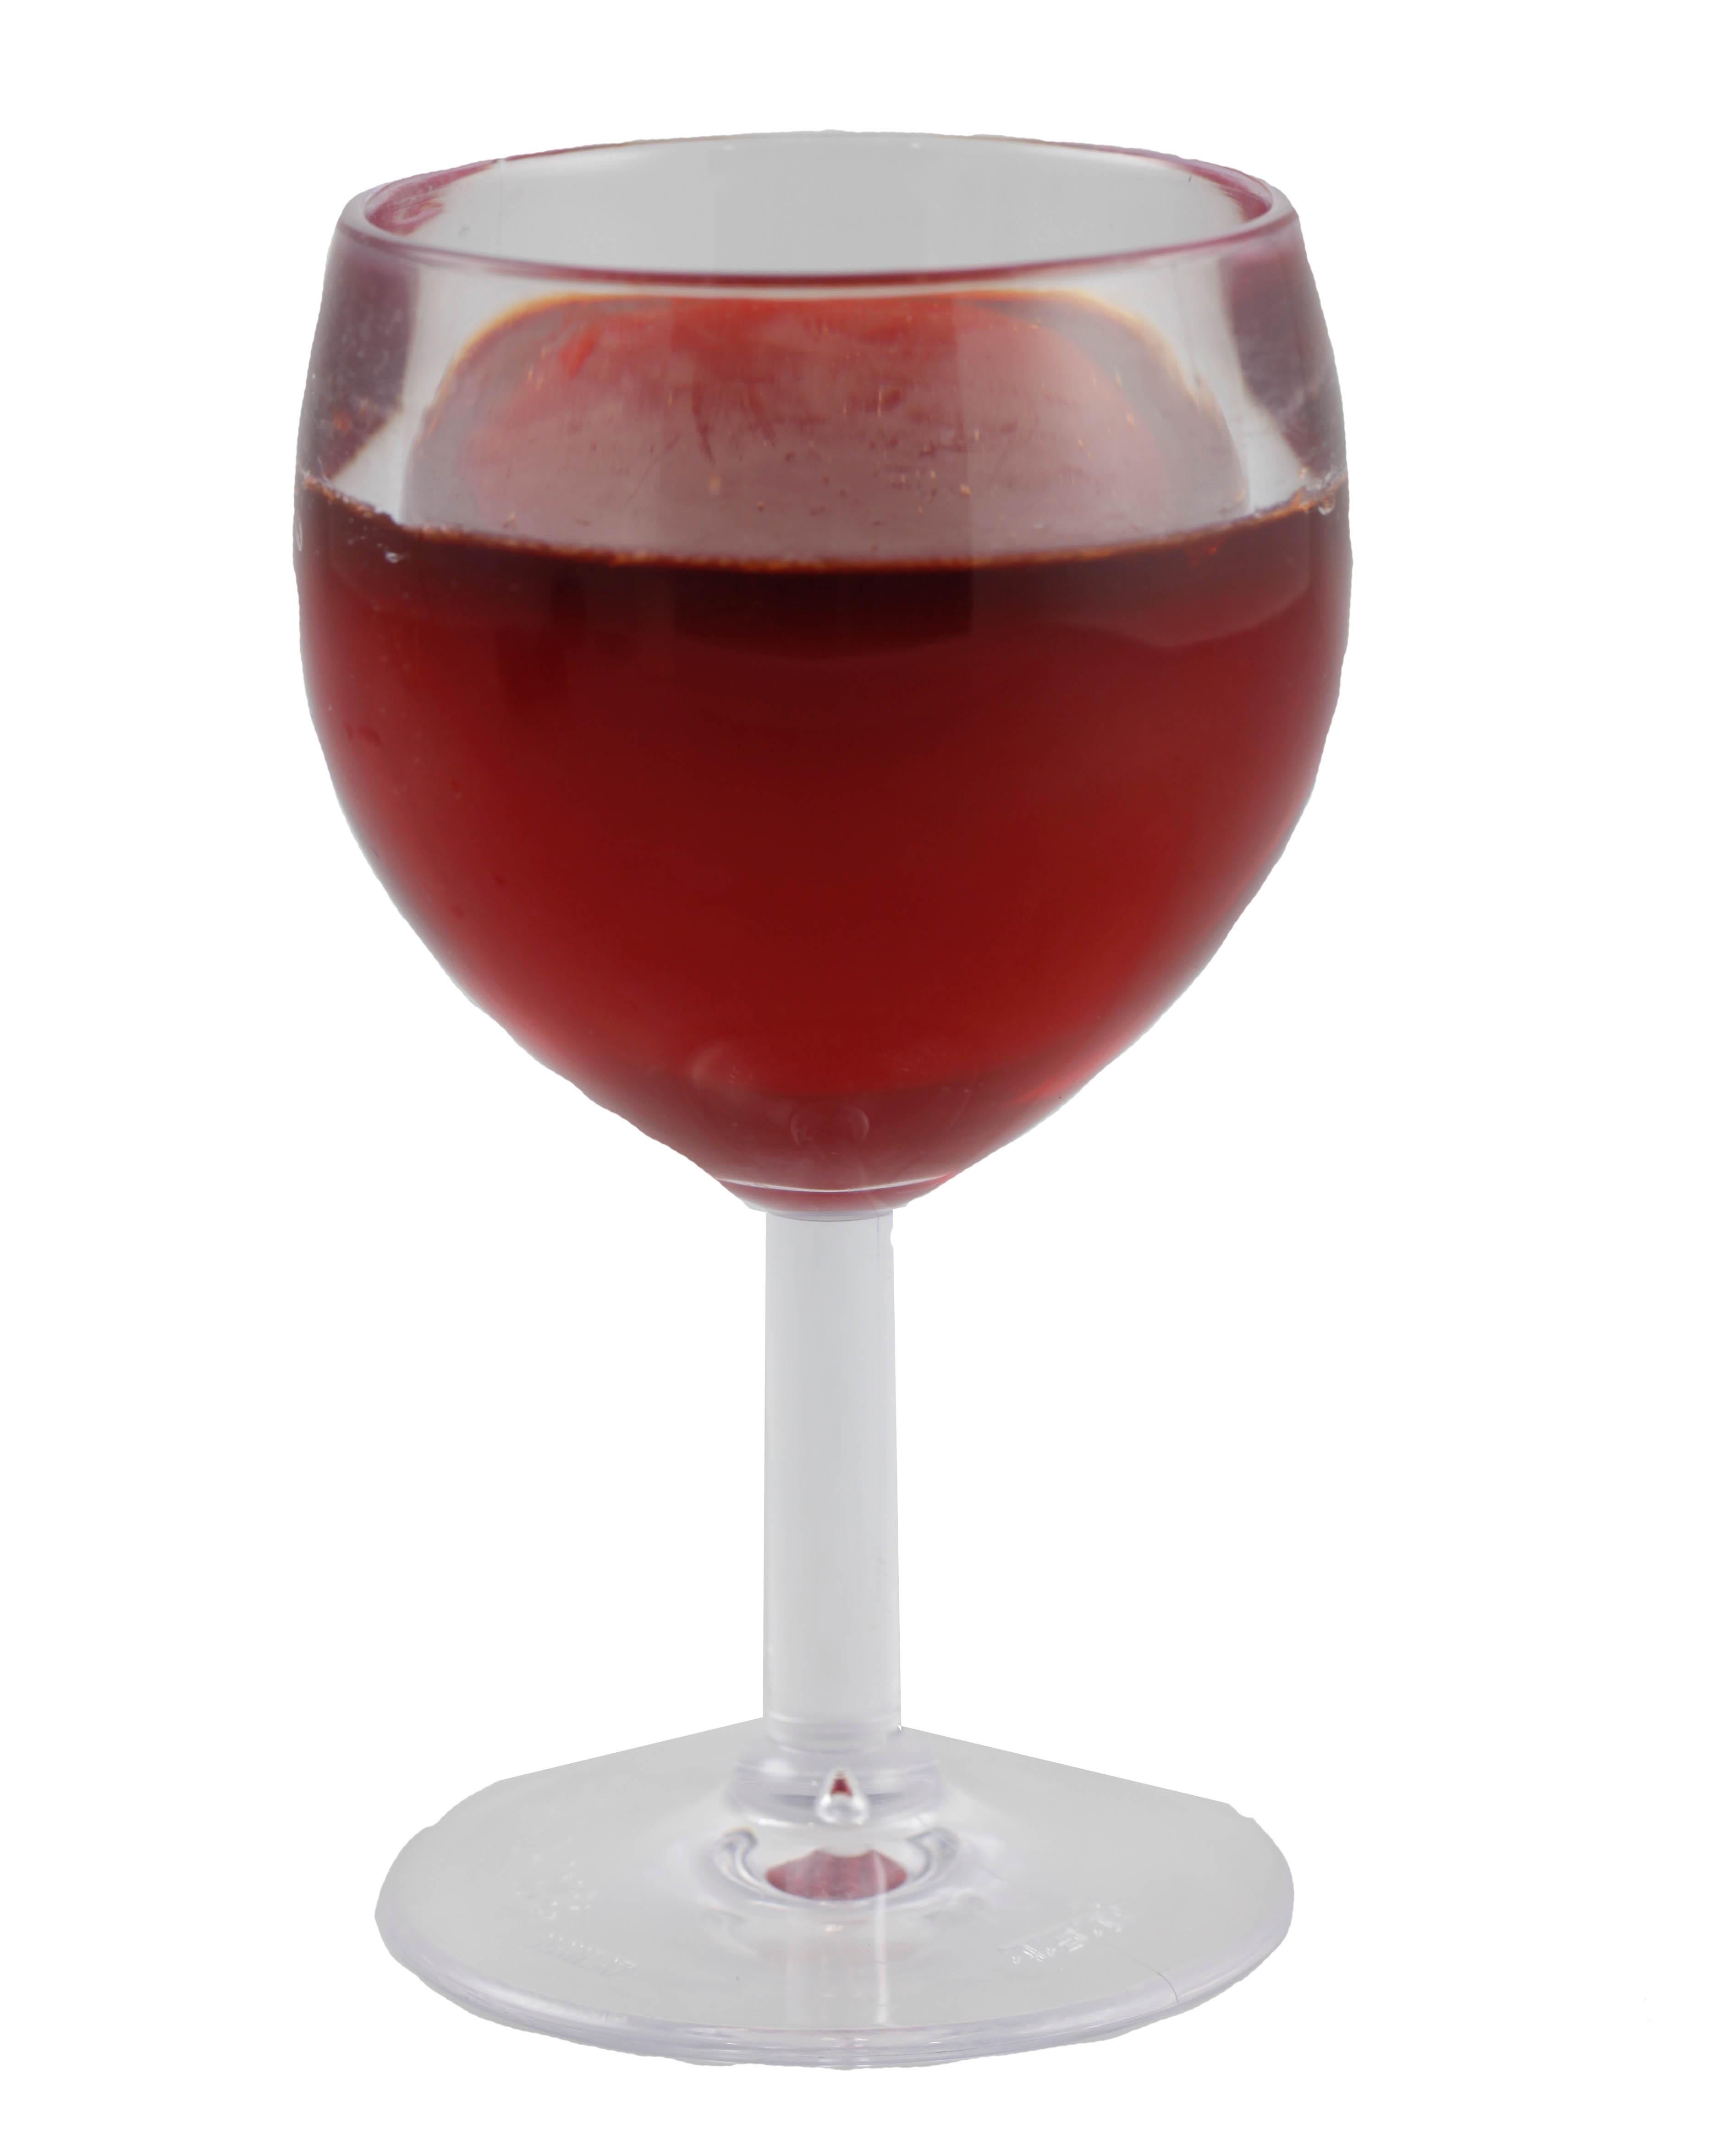 Réplica de vaso de vino tinto Nasco